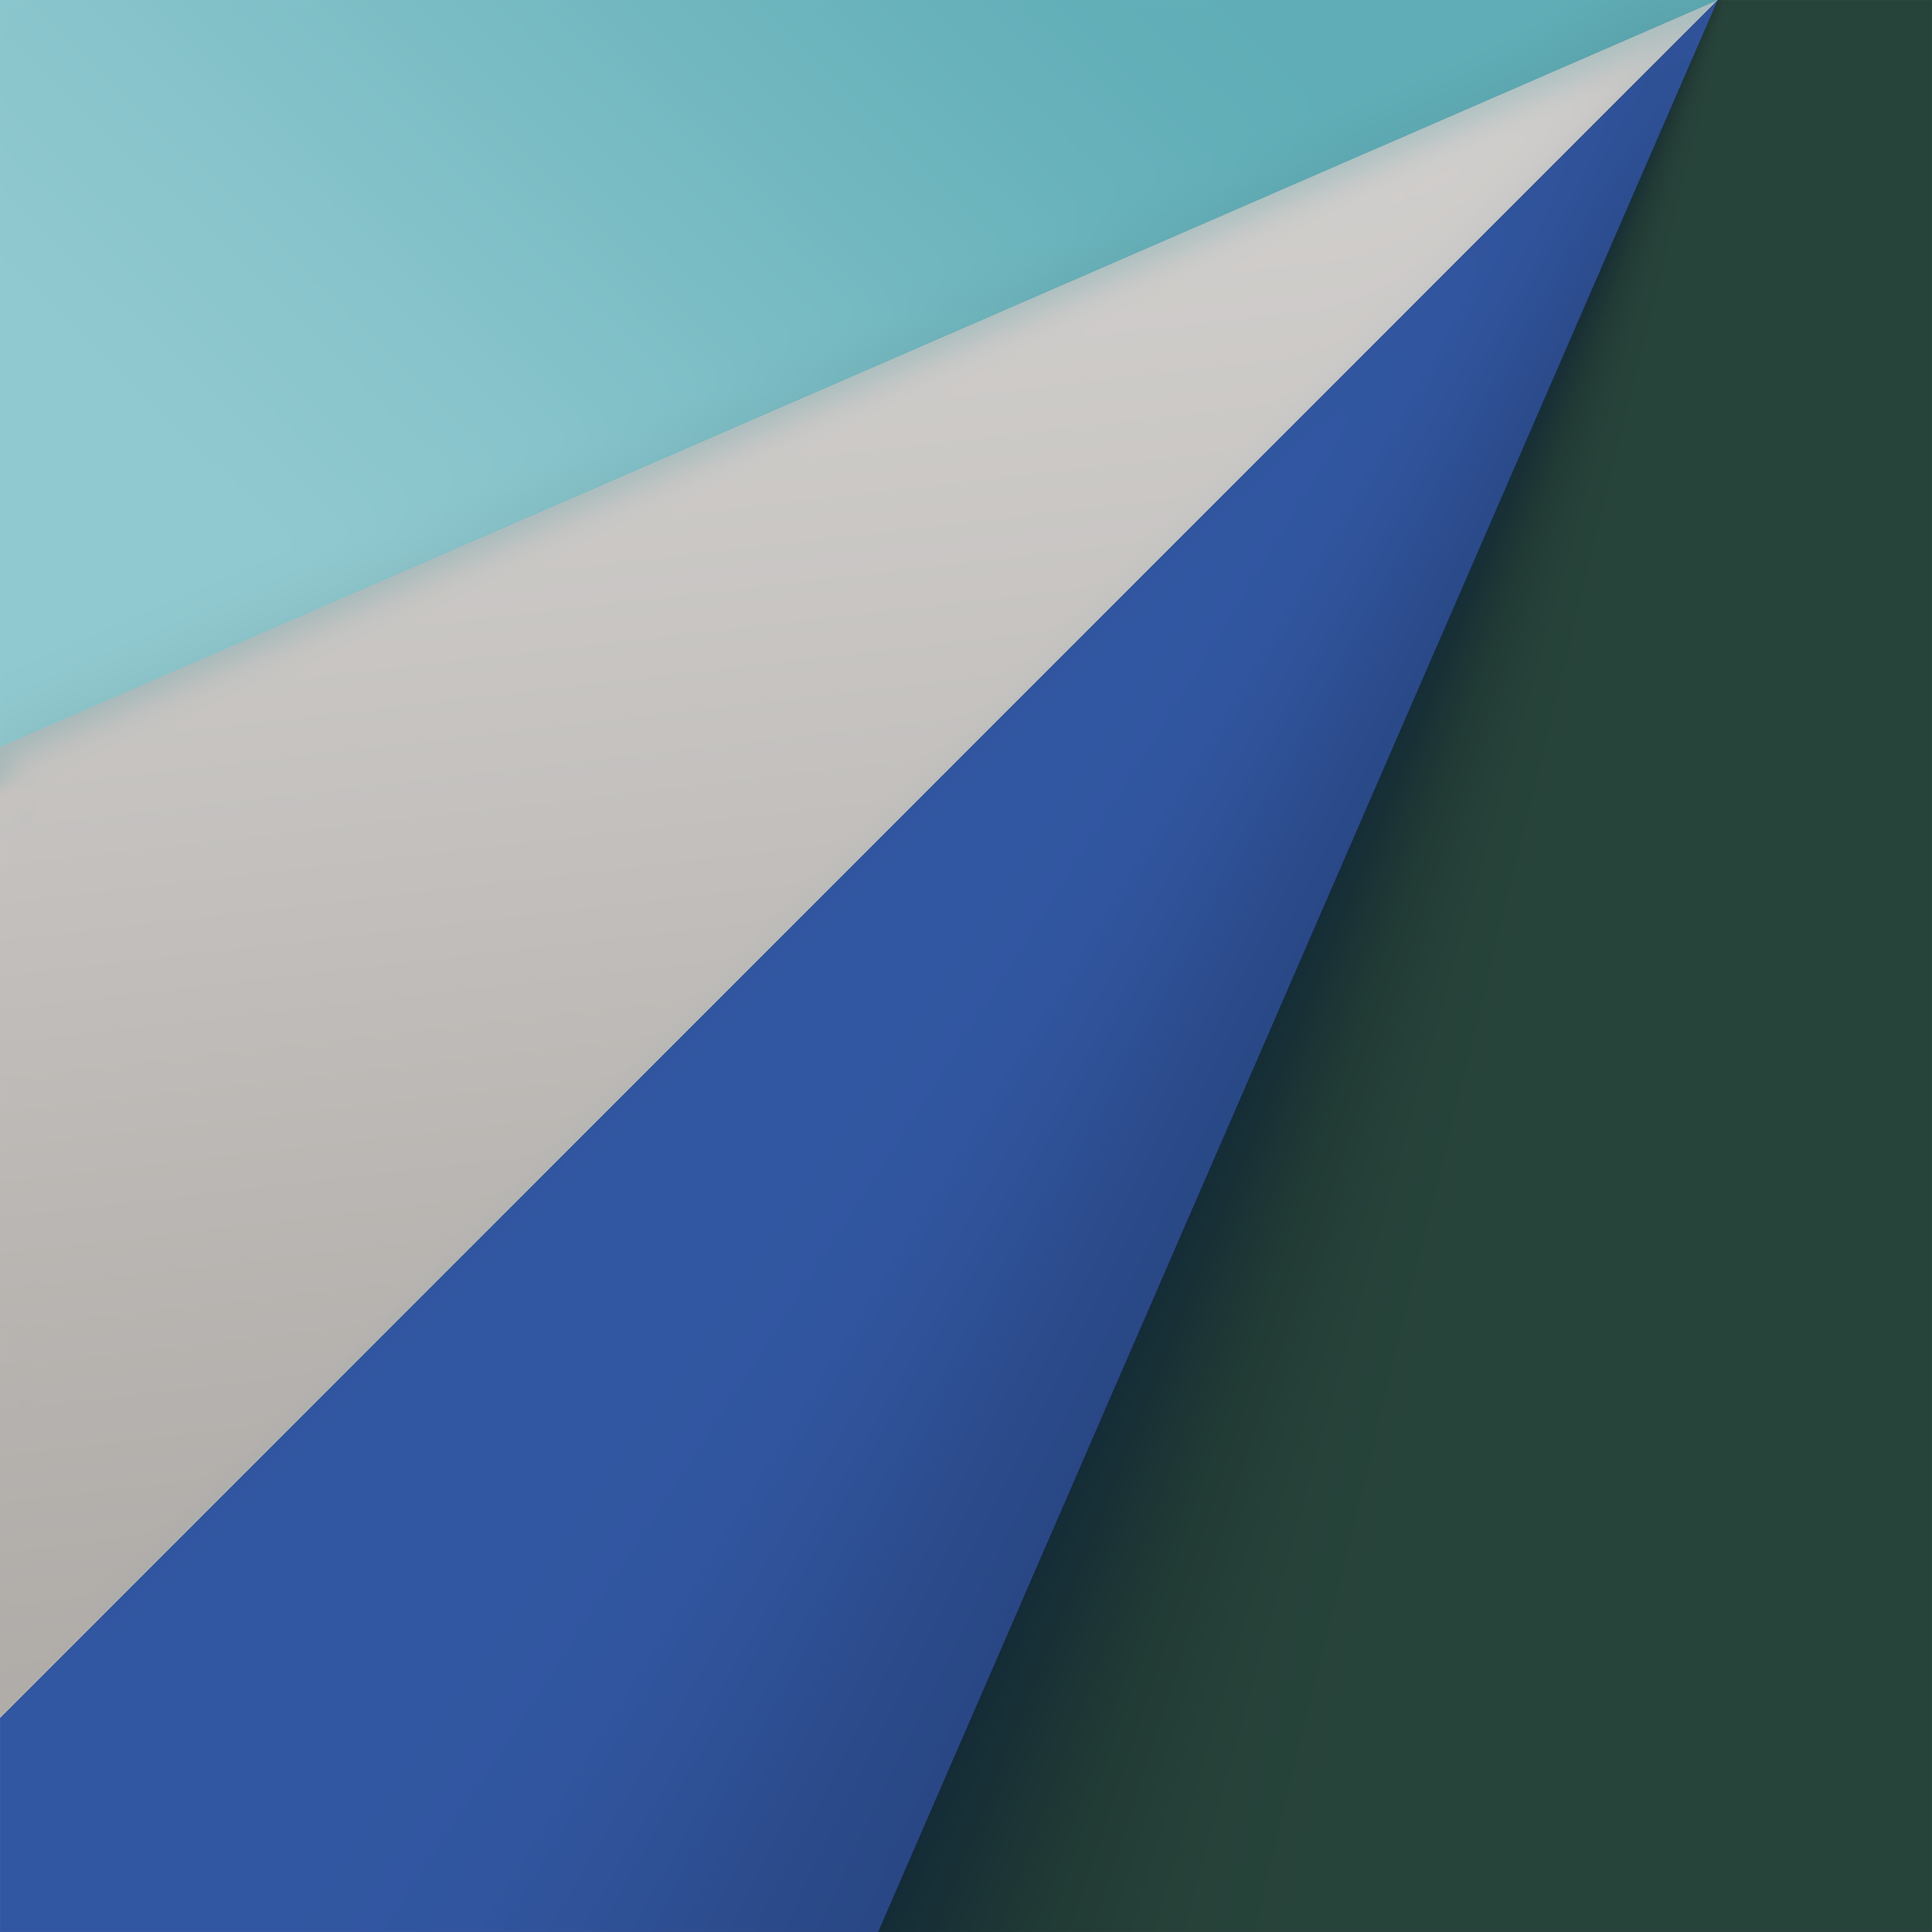 macOS Big Sur Wallpaper Blue